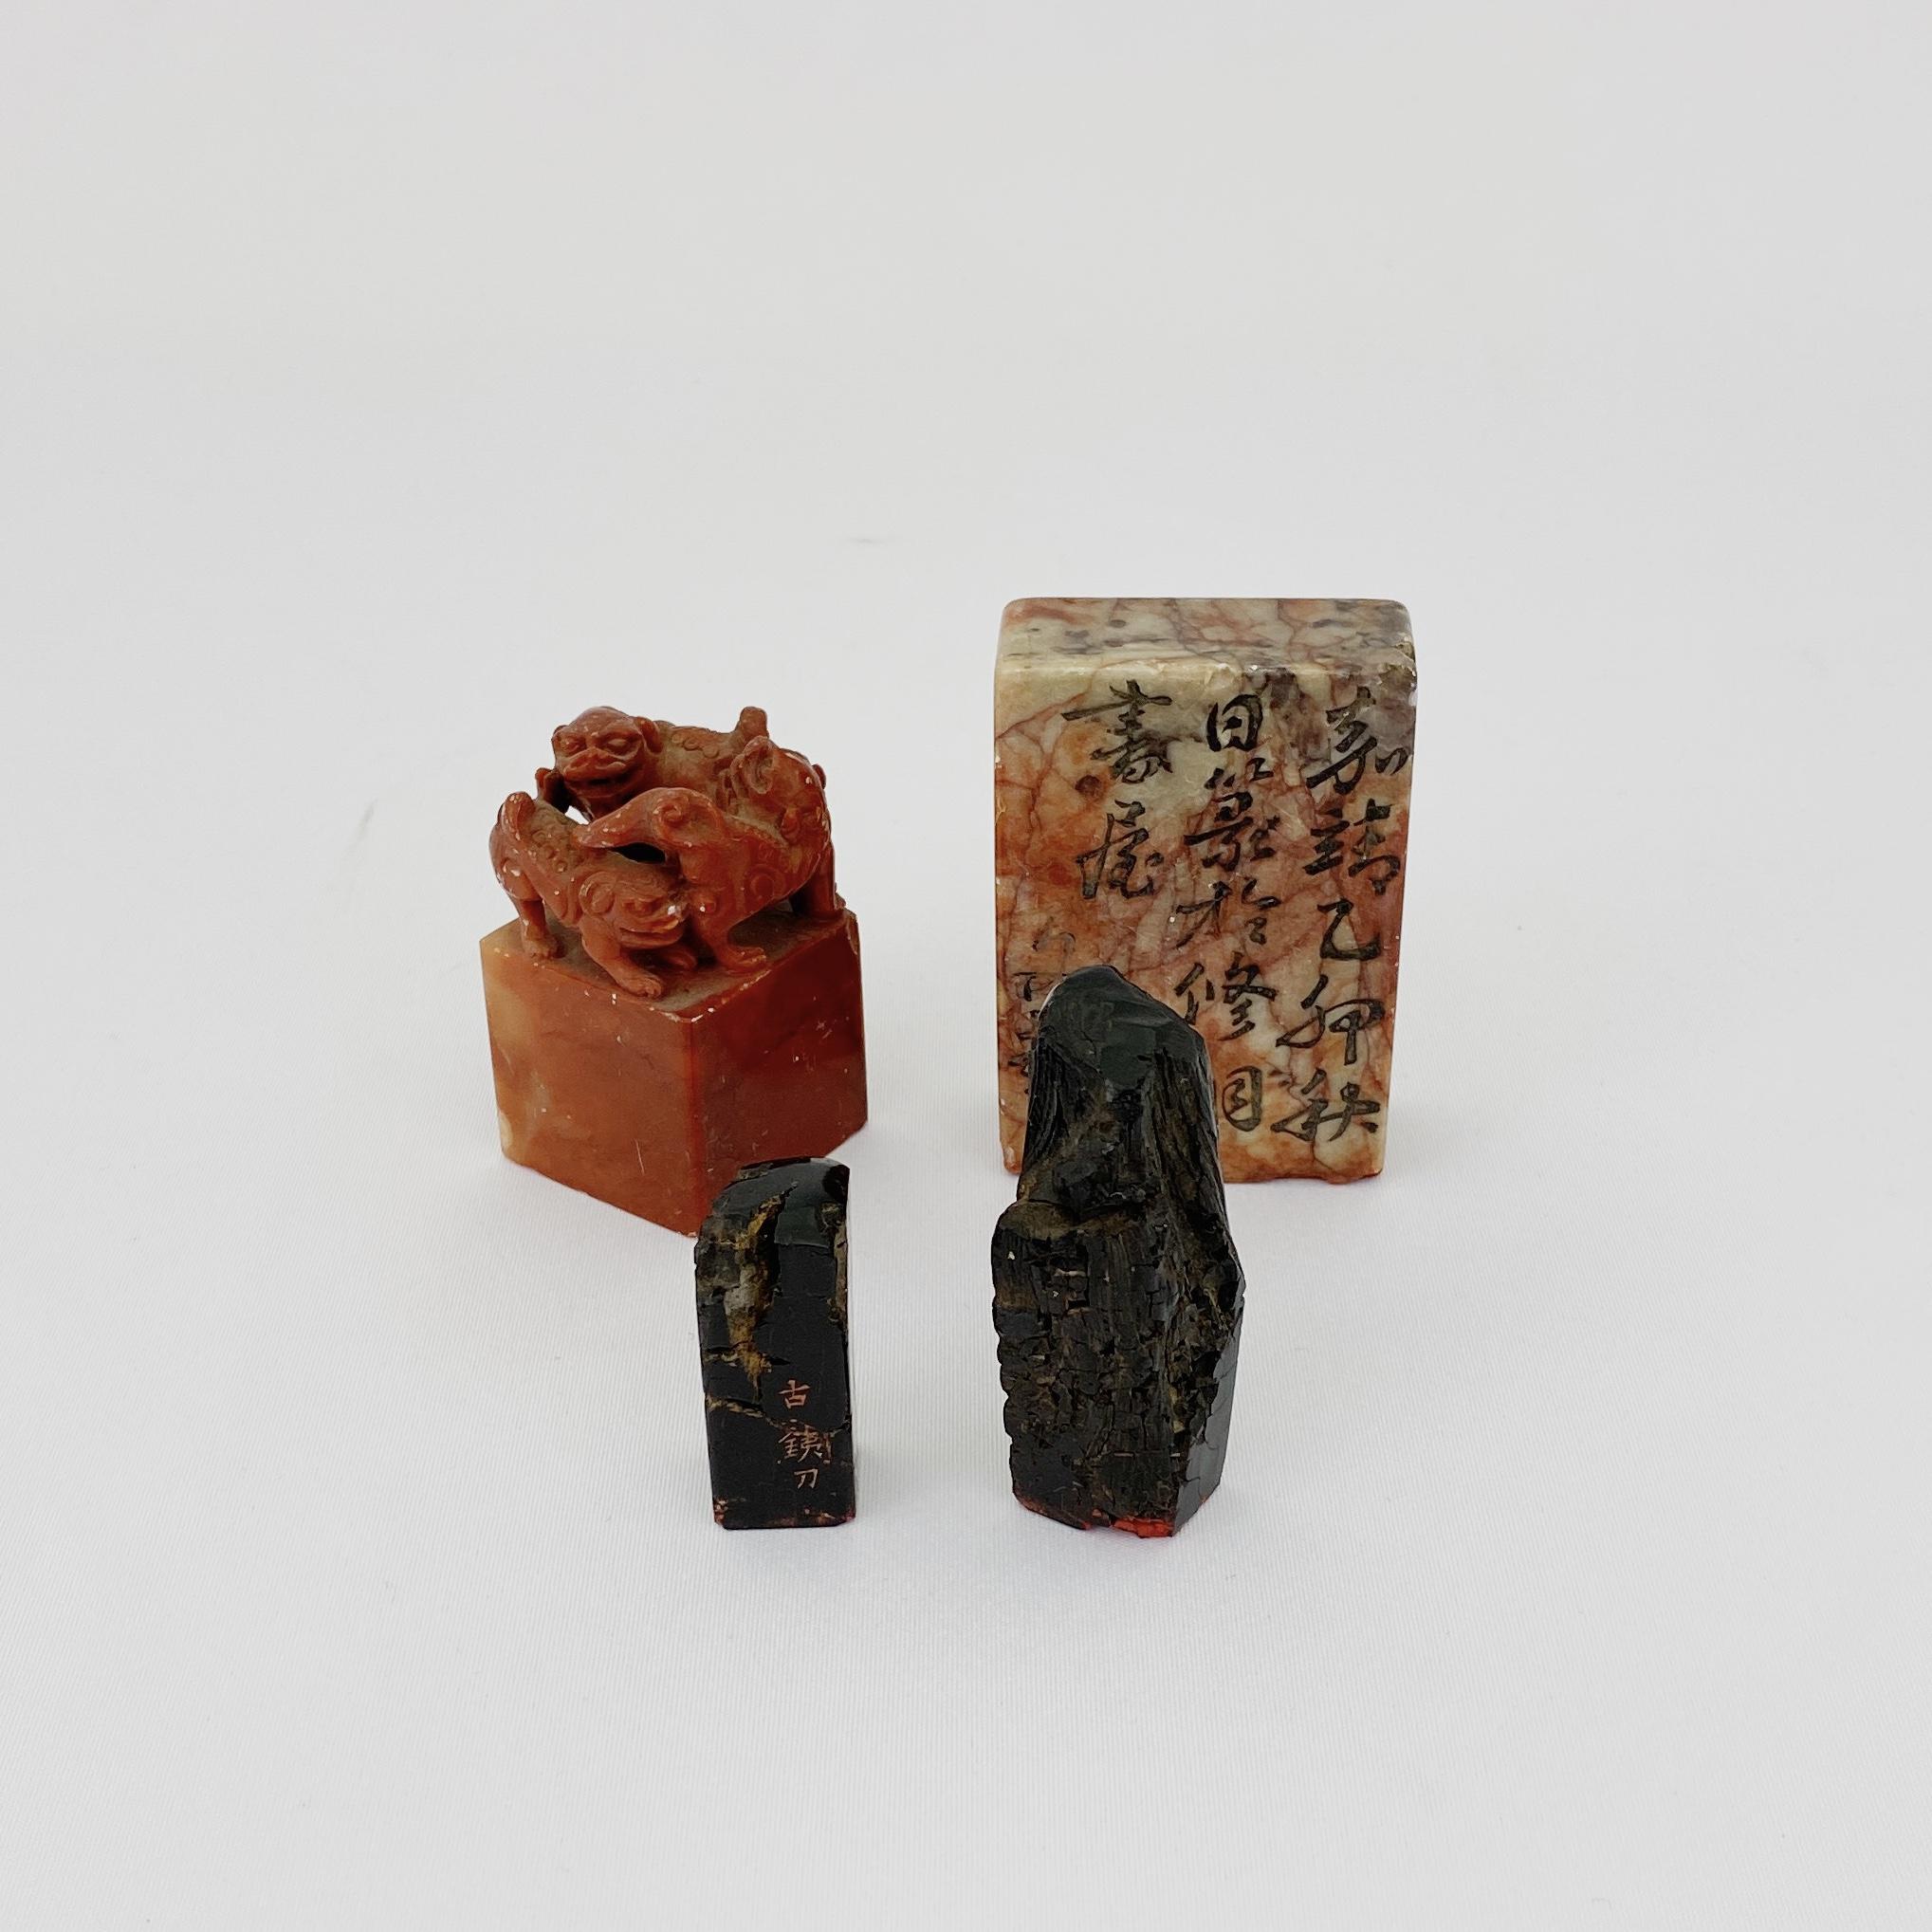 10245壽山石雕 獅子鈕 印章等 計4件